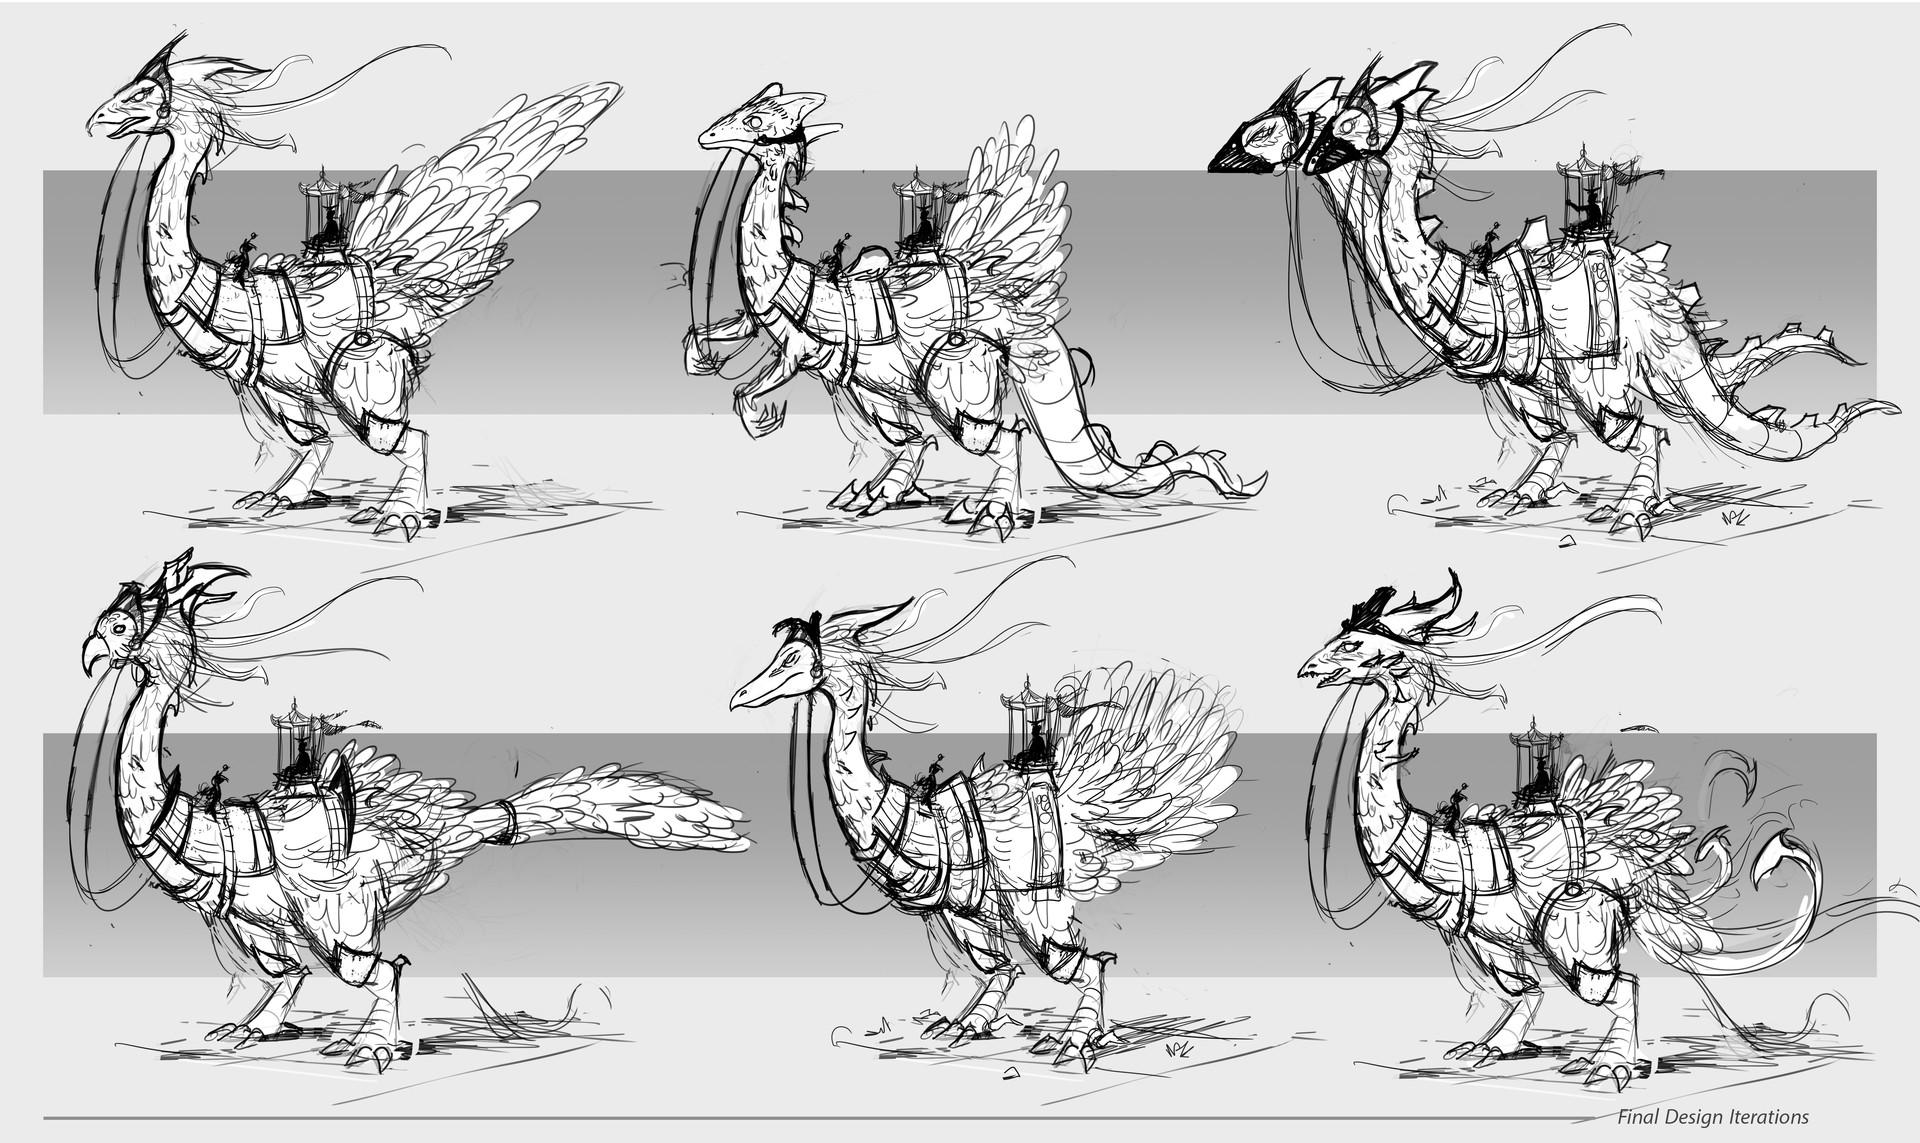 Dennis van kessel creature design iterations